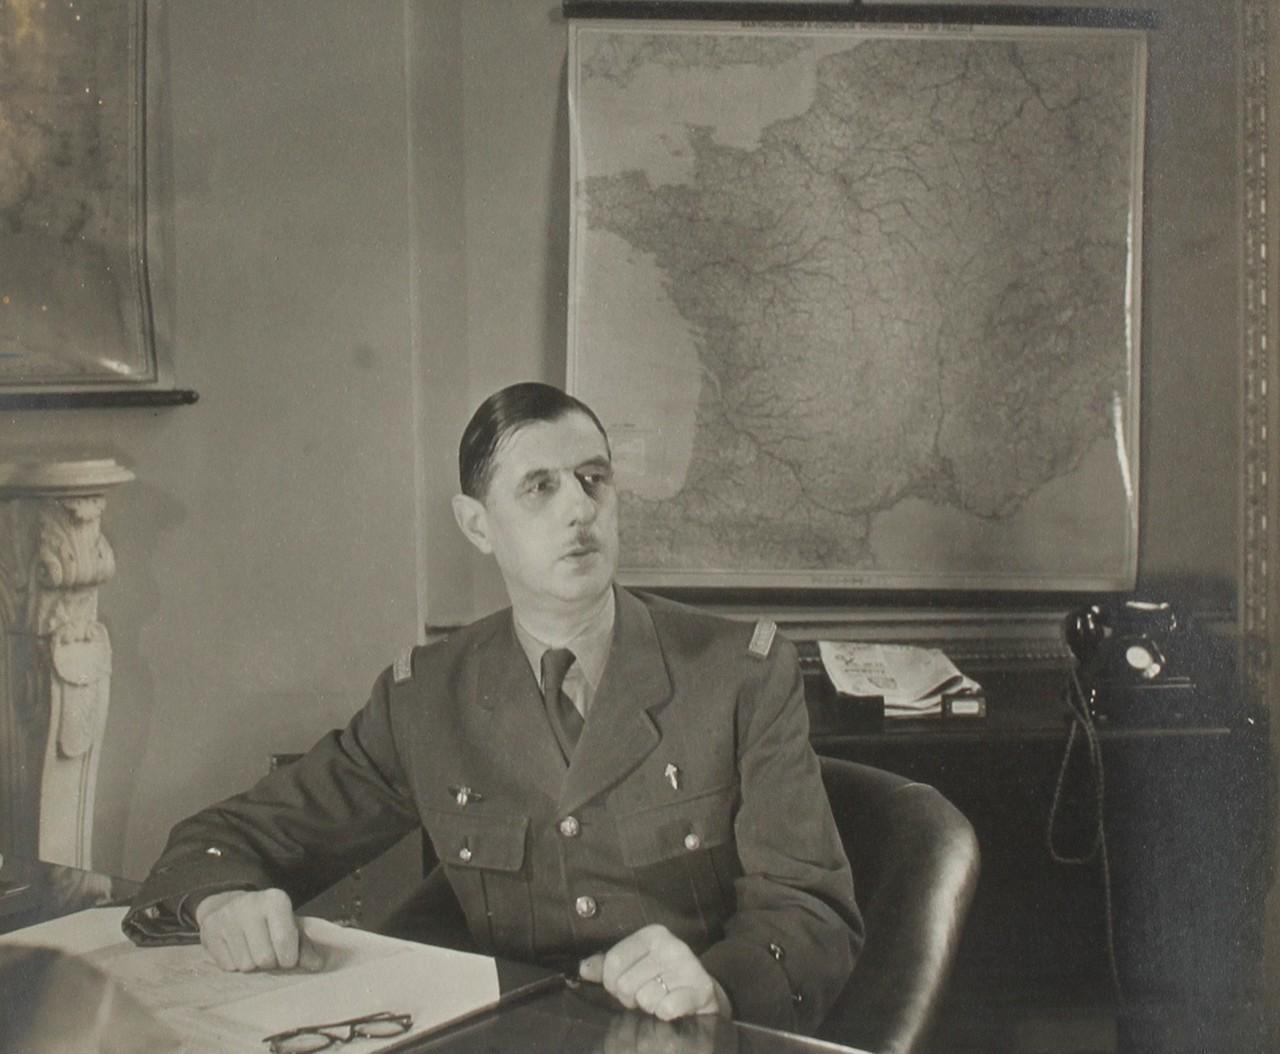 De Gaulle x Saint-Etienne : un hommage avec expo, buste et podcast